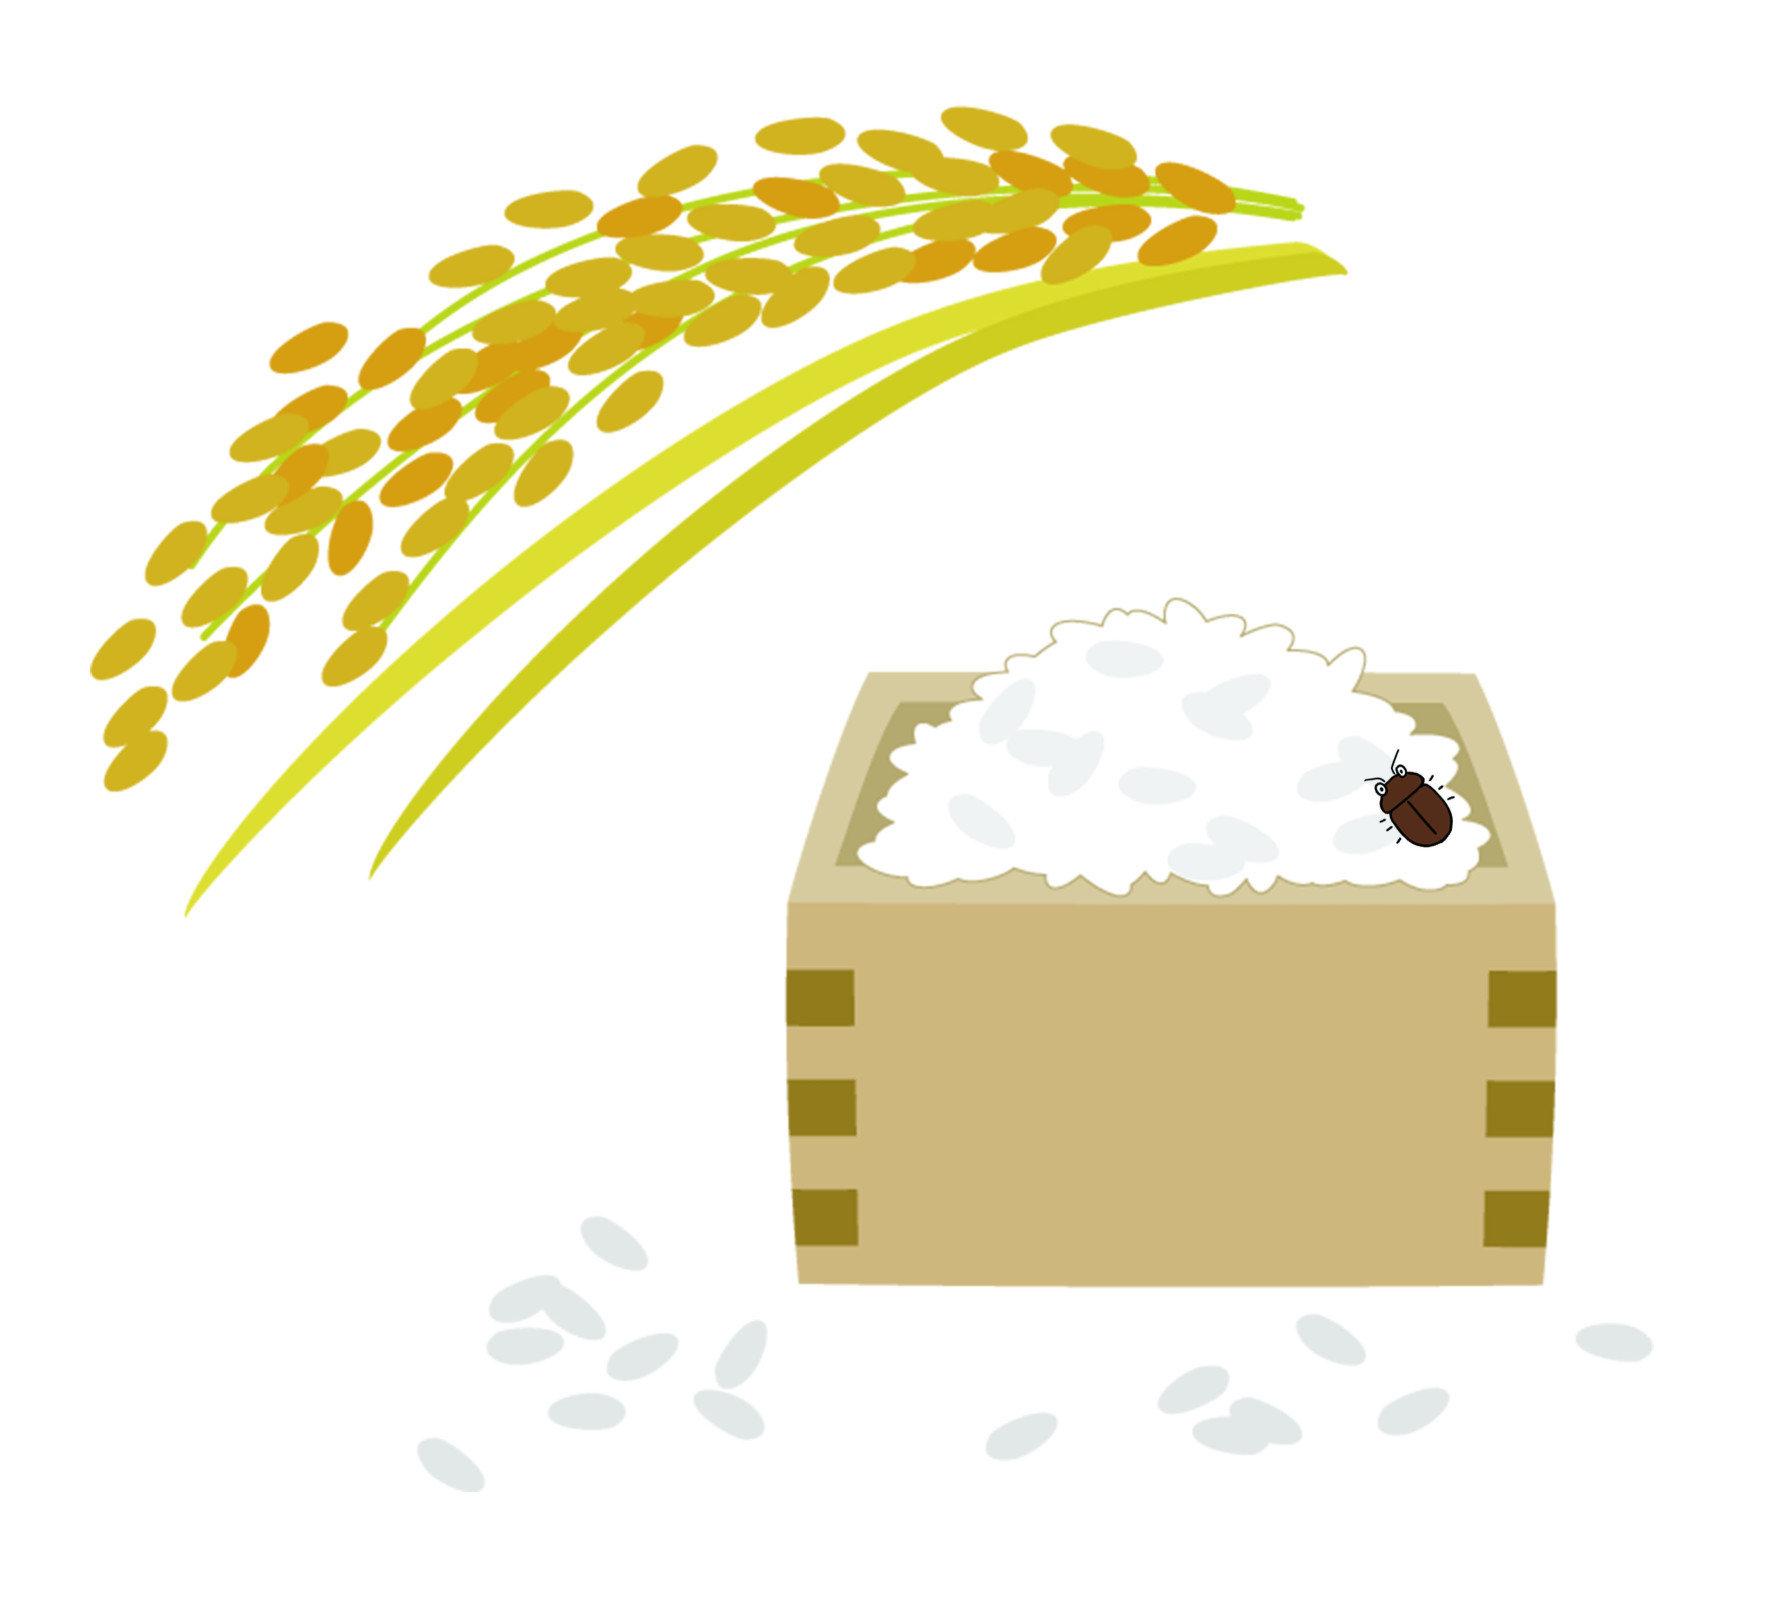 穀蠹身體呈紅褐色或黑褐色,略帶些光澤,成蟲體長約2~3毫米,呈長圓筒狀。是貯糧中最主要的害蟲之一,食性複雜且多元,包括禾穀類、乾果、中藥材、竹器都是穀蠹為害的目標,其中又以「稻米」、「小麥」和「麵粉」最為嚴重,往往造成嚴重的損失,卻又難以預防。